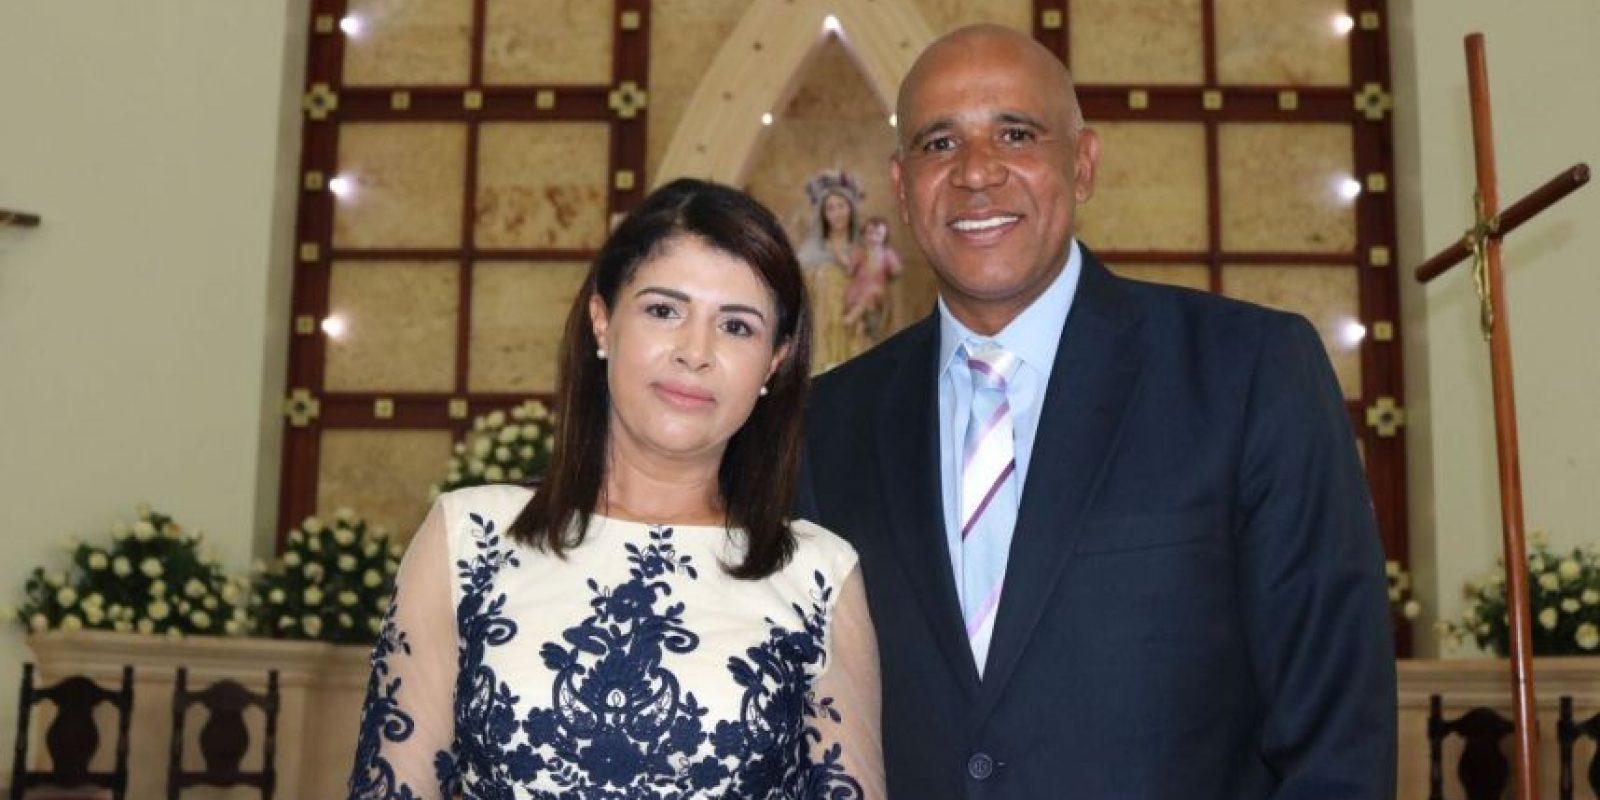 Sandra Batista y Gelfi Cruz Placencia Foto:Fuente externa